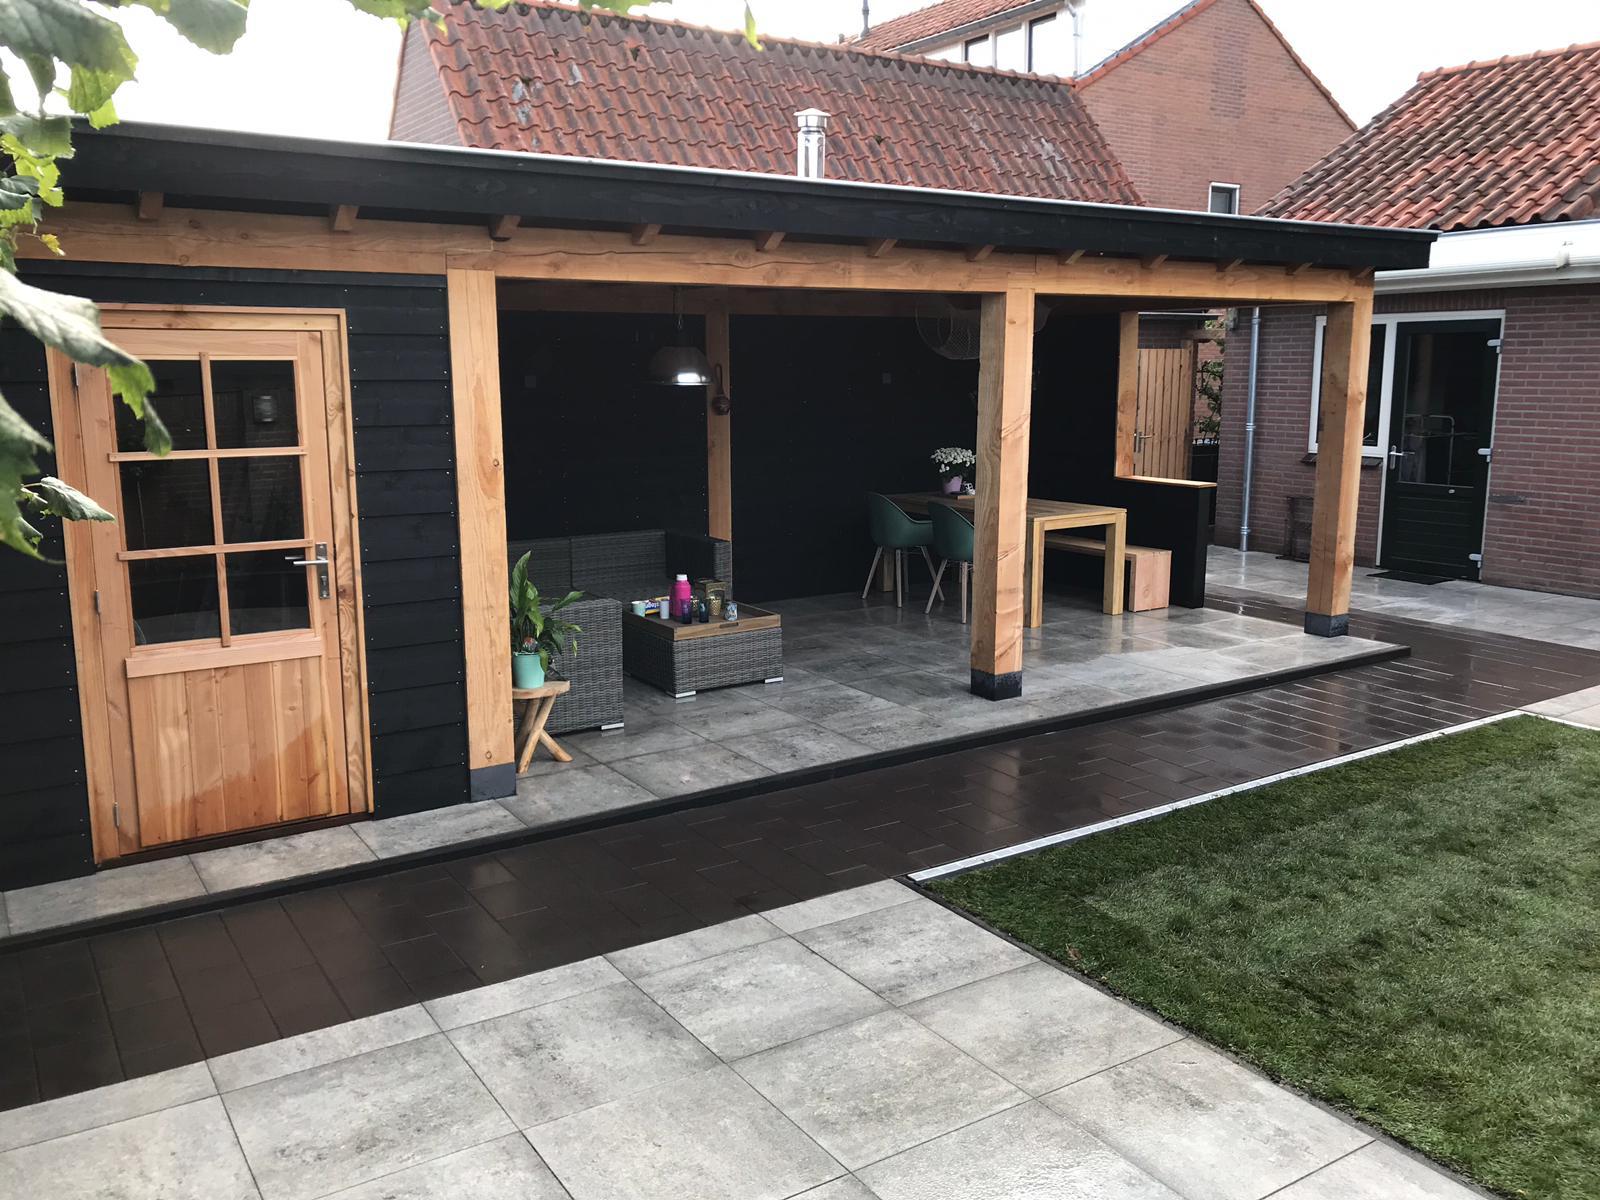 Bouw veranda met schuurtje + aanleg tuin